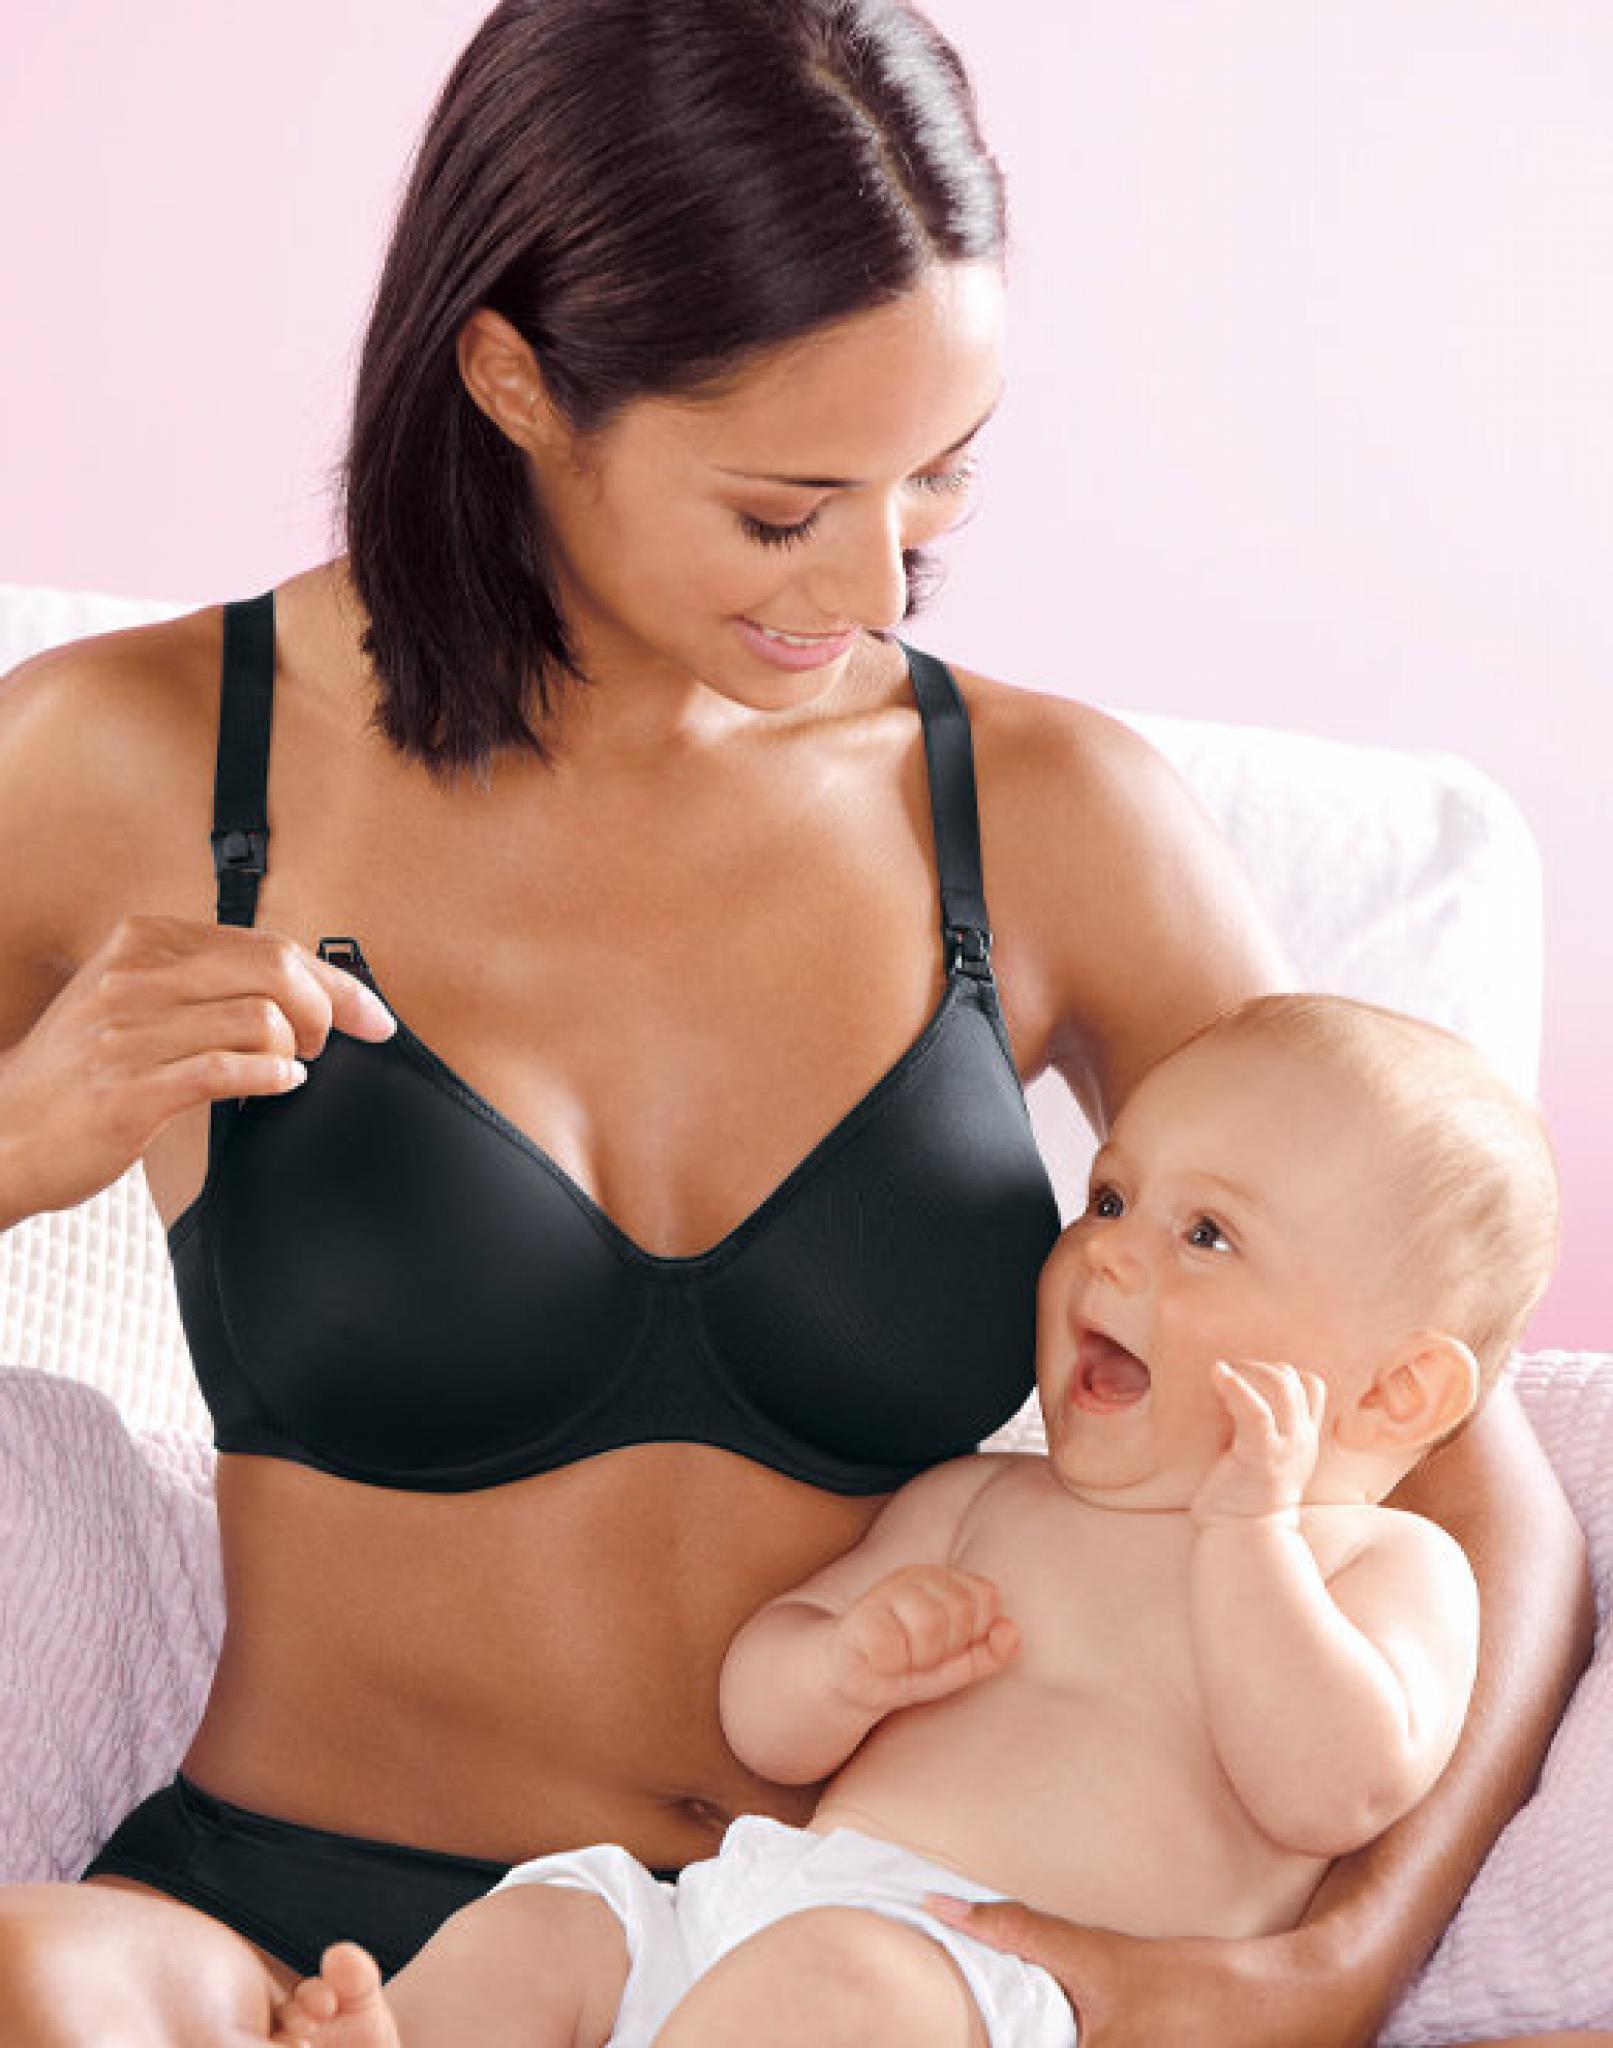 Бюстгальтер для беременных как подобрать